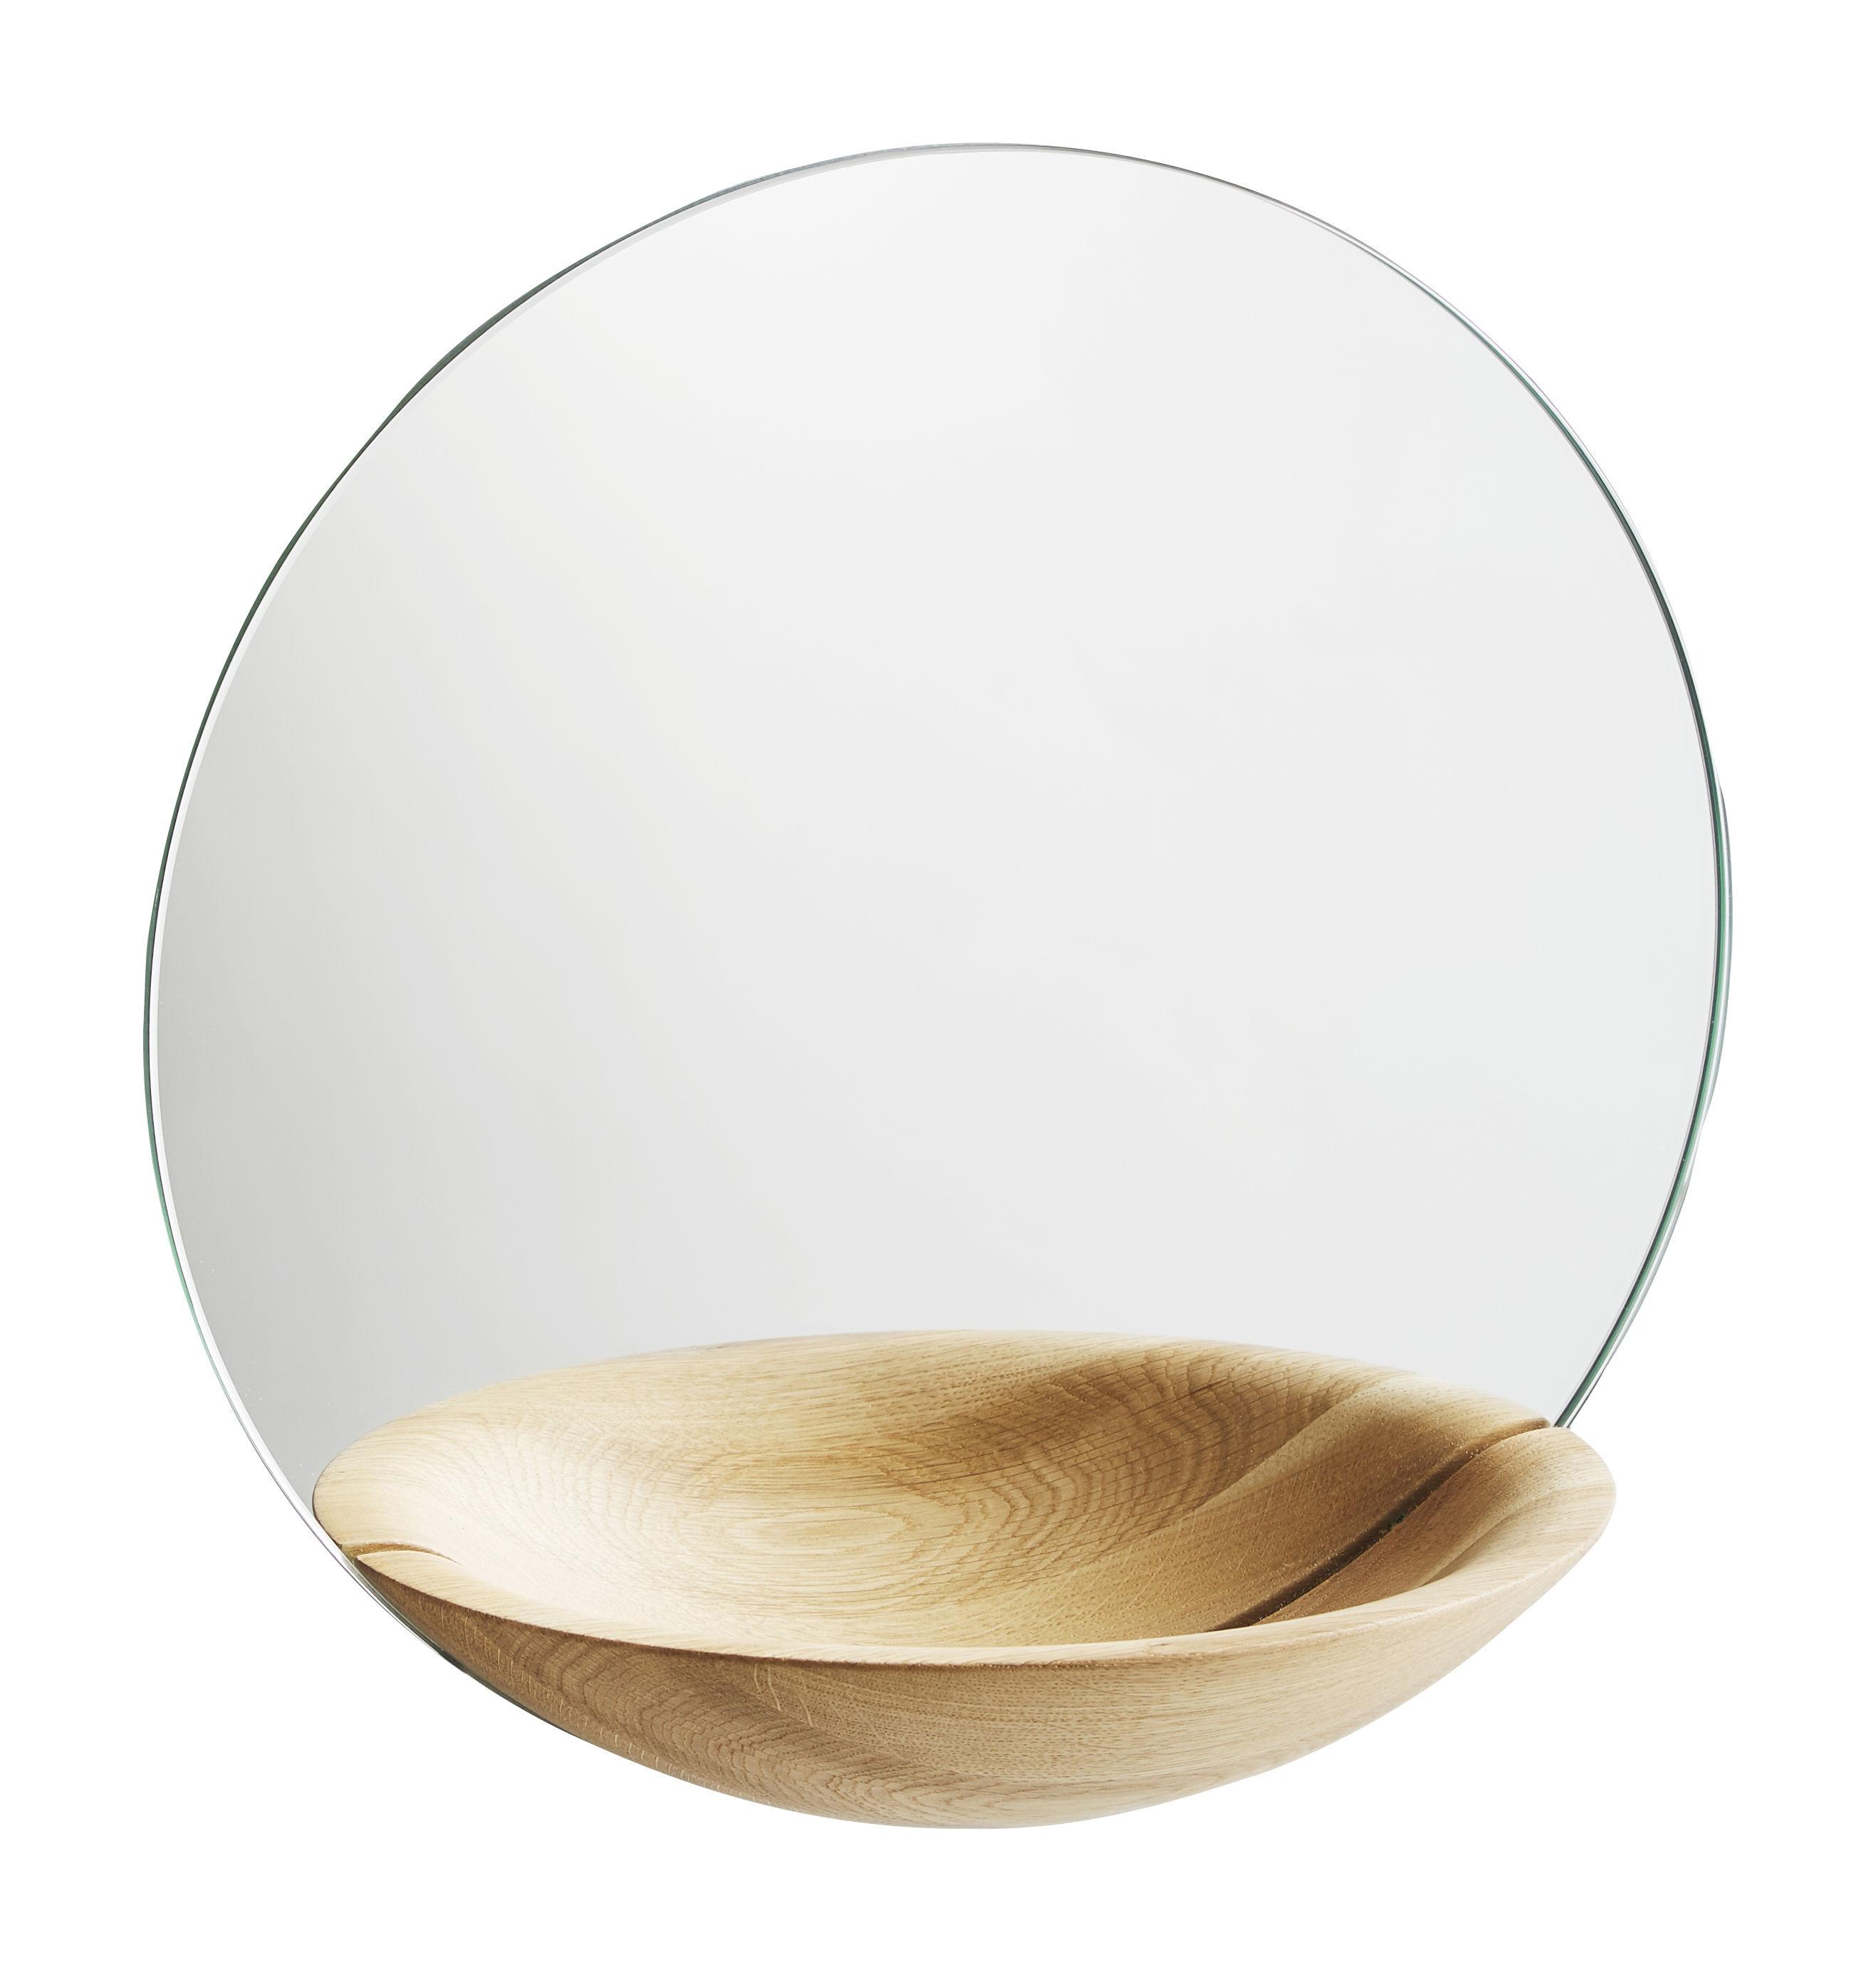 Déco - Miroirs - Miroir mural Pocket Large / Vide-poche intégré -  Ø 32 cm - Woud - Chêne clair - Chêne massif, Verre